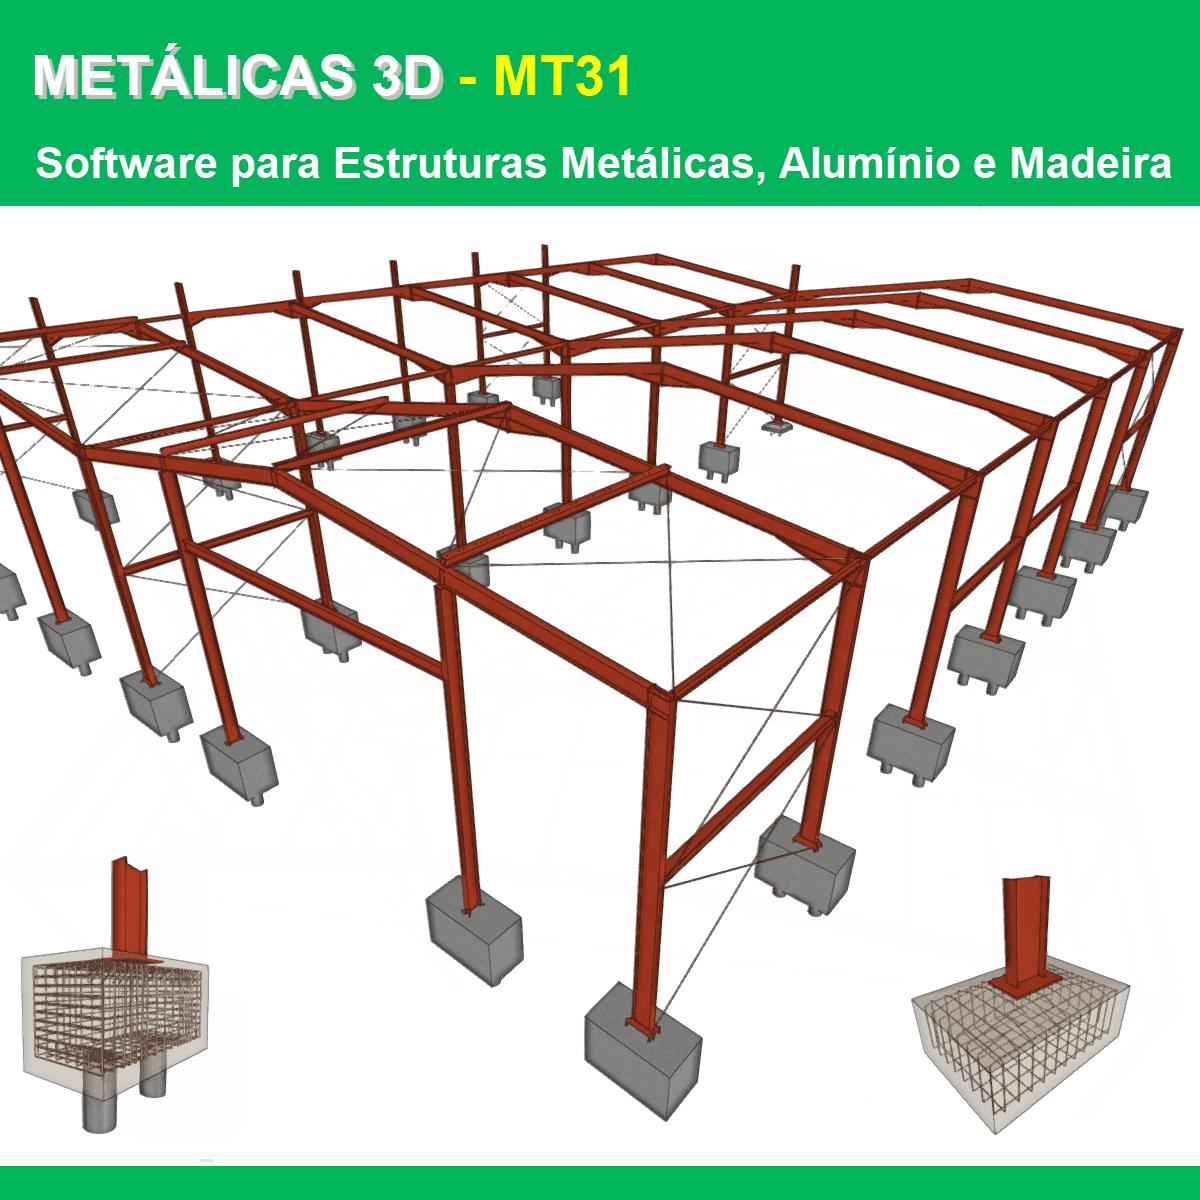 Software Metálicas 3D MT31 versão 2022 (Licença Eletrônica) incluindo Núcleo Básico, Sapatas, Blocos sobre Estacas, Placas de Base, Resistência ao Fogo e Gerador de Pórticos  - MULTIPLUS SOFTWARES